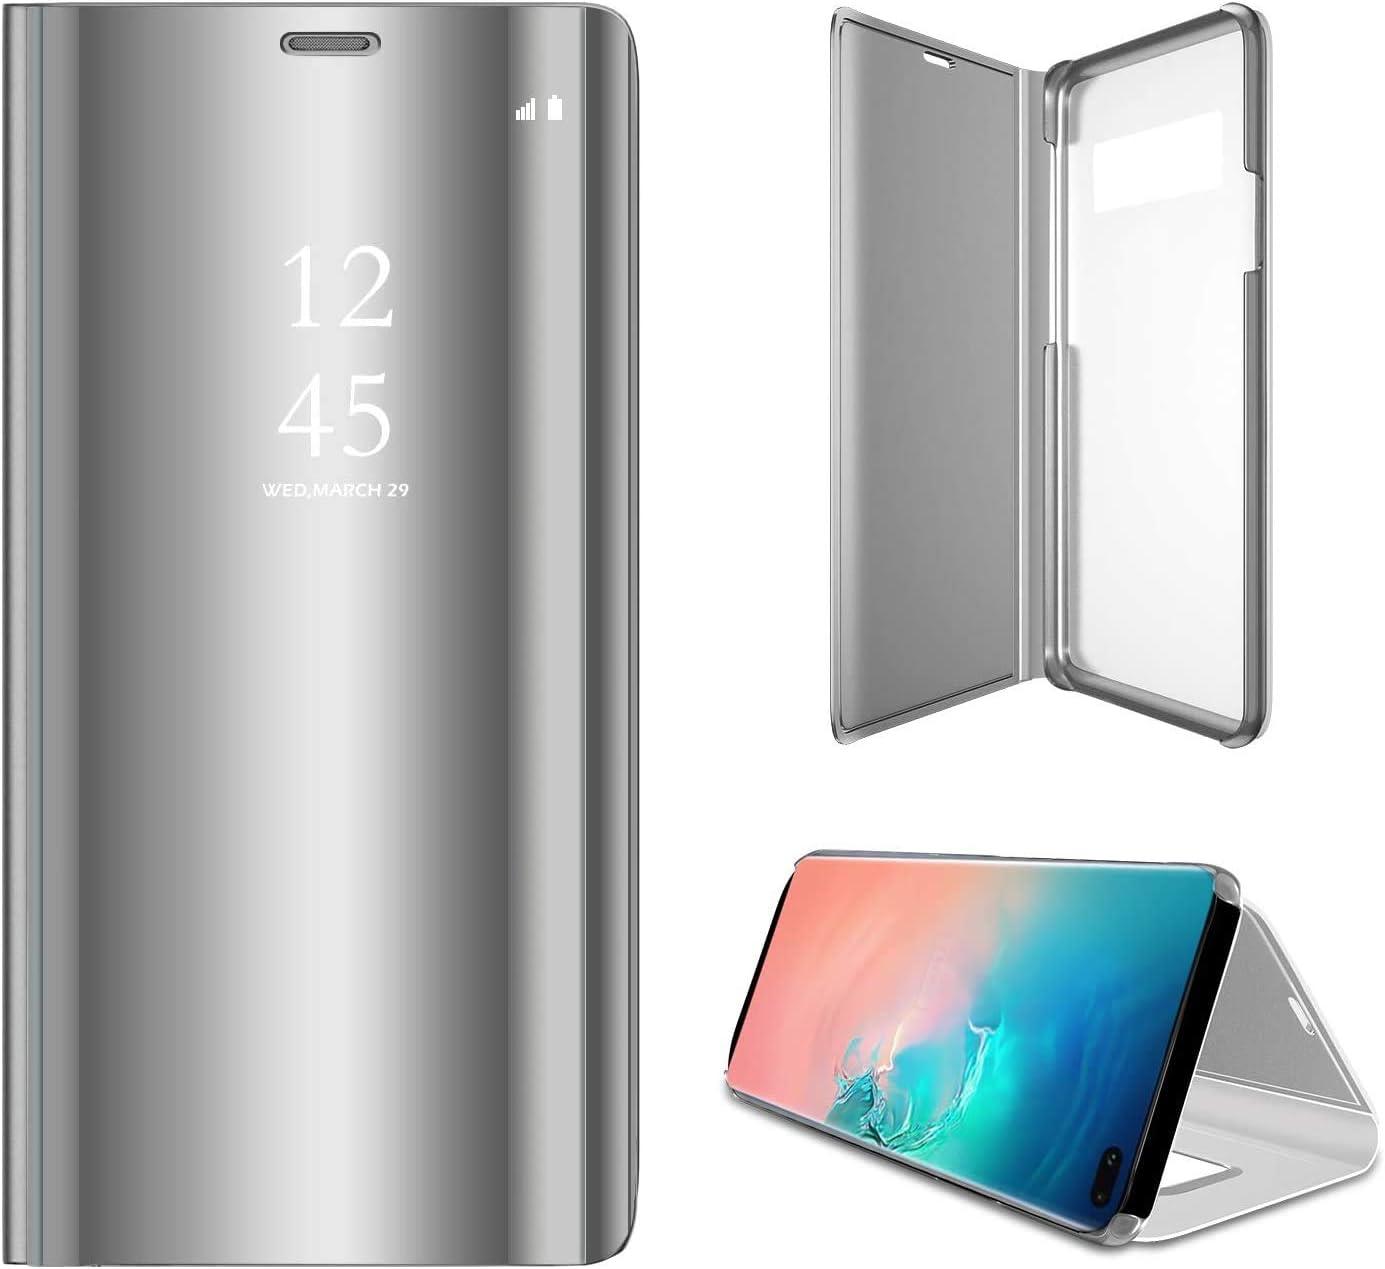 SevenPanda Estuche para Galaxy Note 9, para Samsung Galaxy Note 9 Estuche para Teléfono Celular Ultra Delgado 360 Degree Cuerpo Completo Estuche: Amazon.es: Electrónica